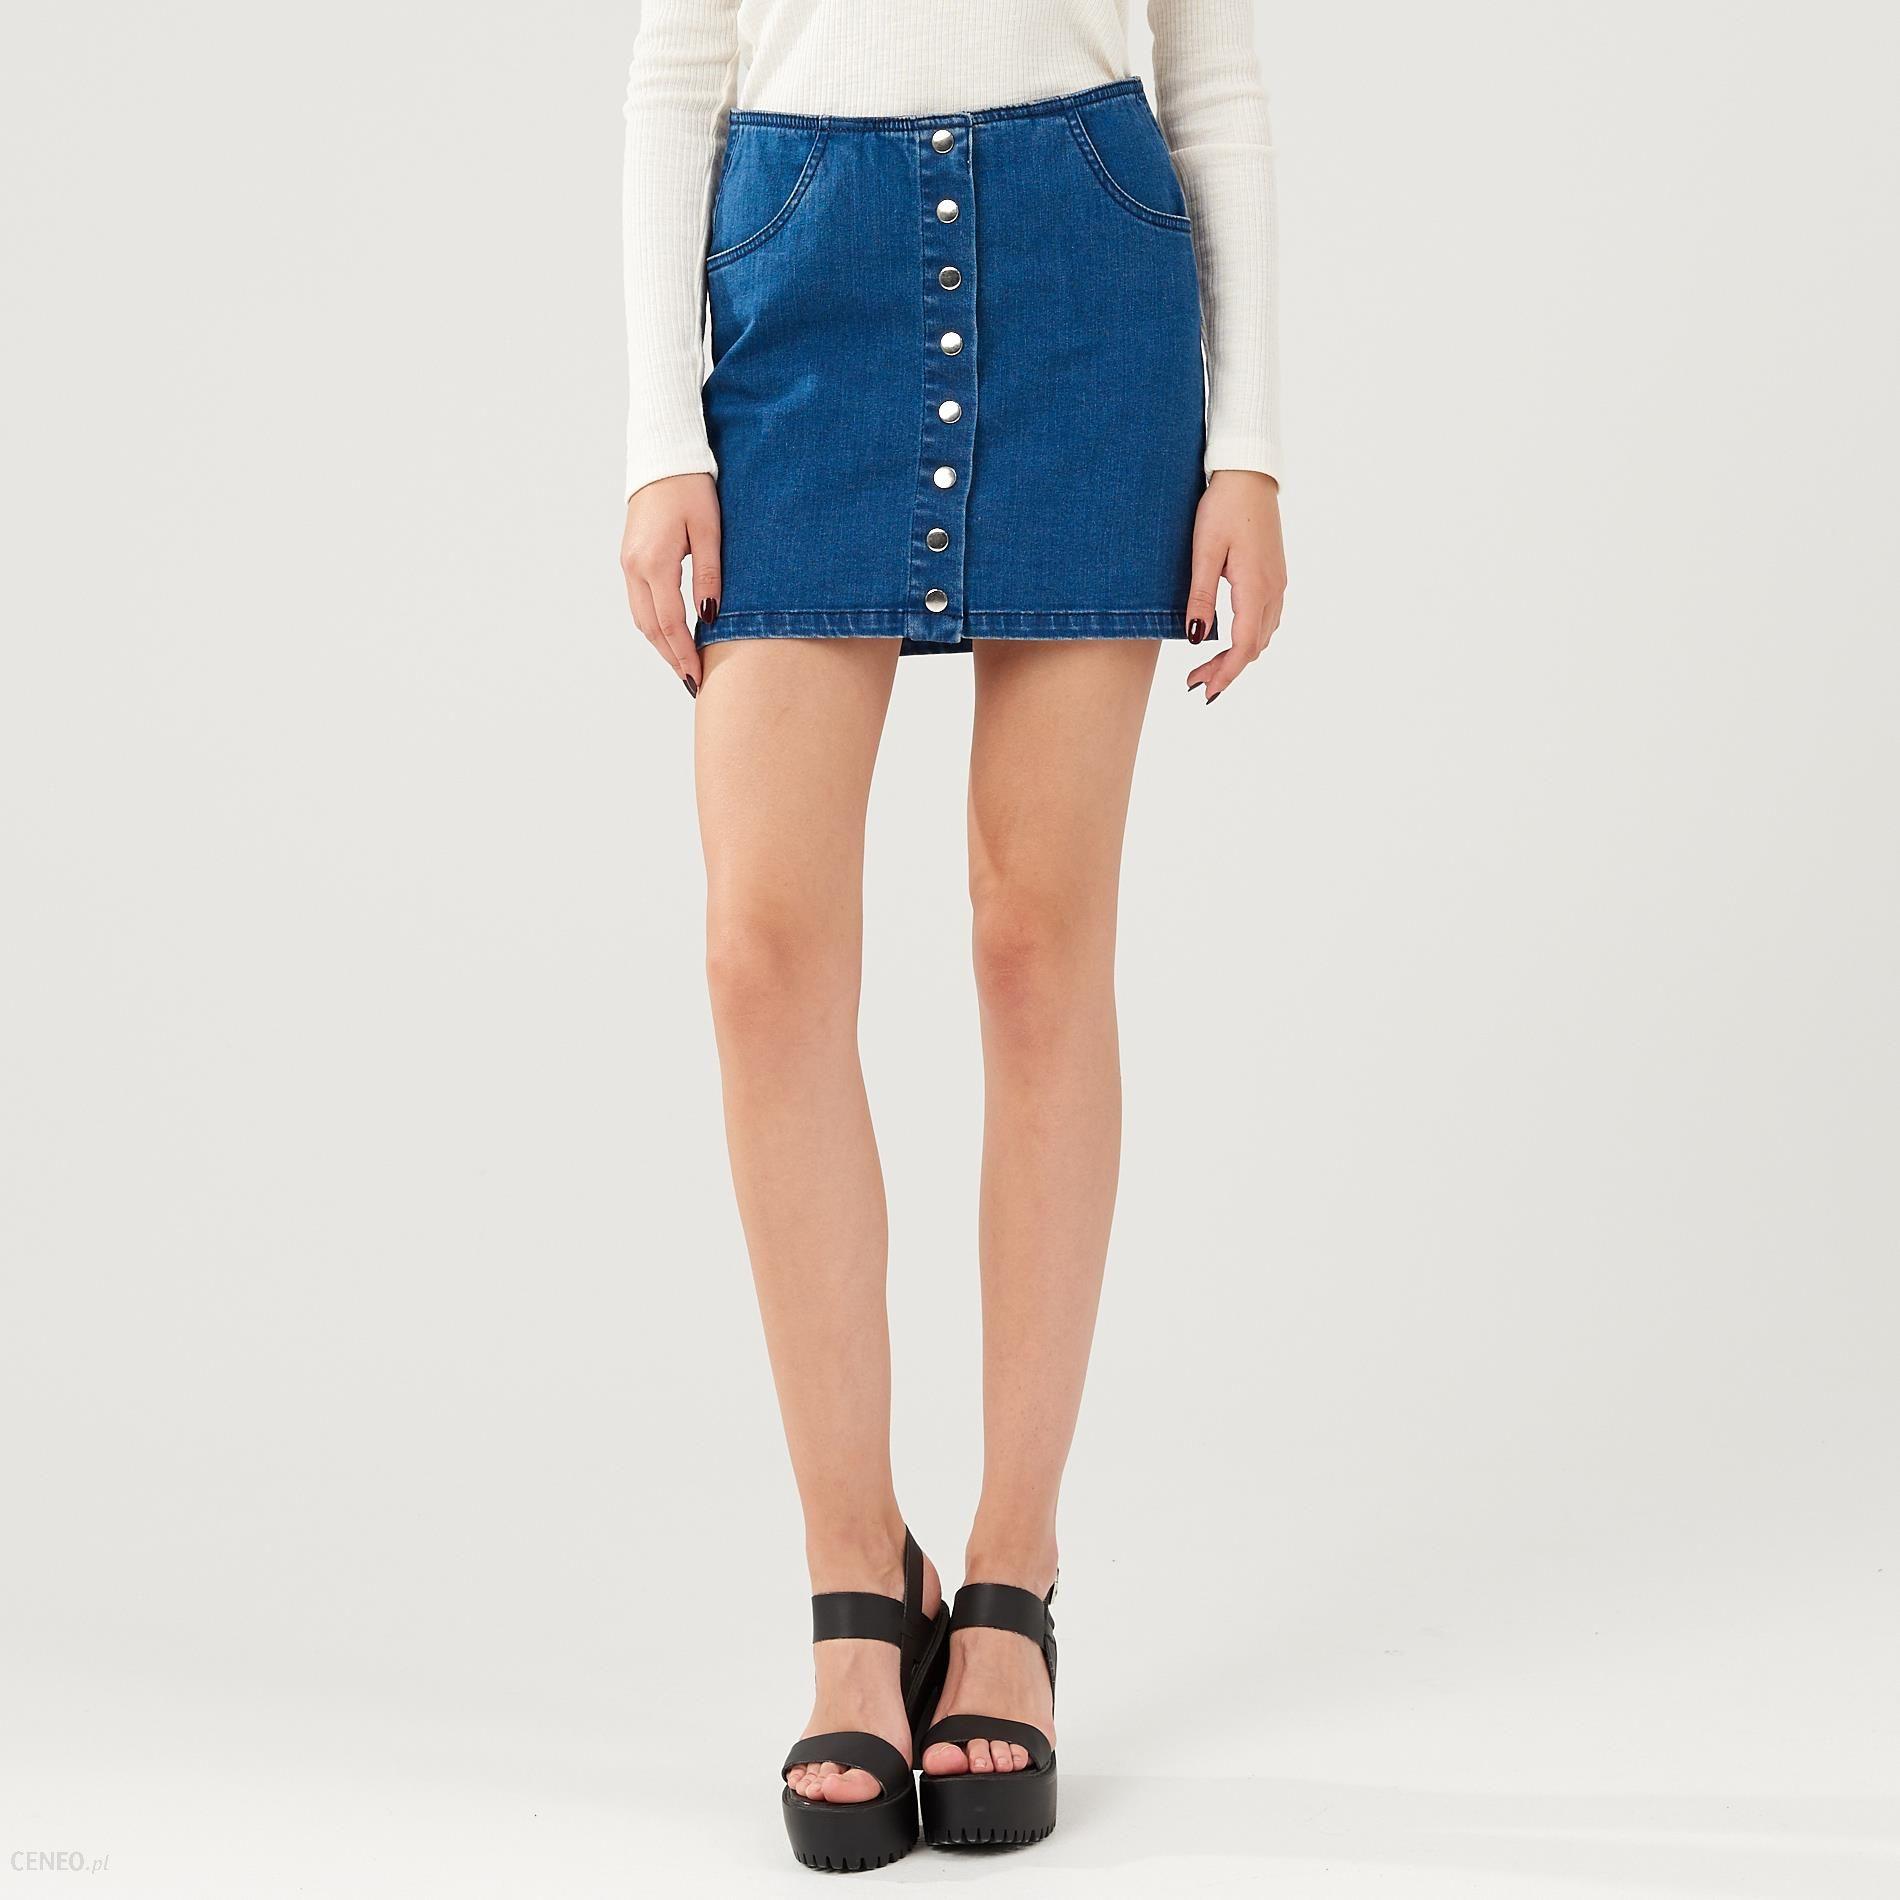 62a9b28f7e Cropp - Jeansowa spódnica z guzikami - Niebieski - damska - Ceny i ...